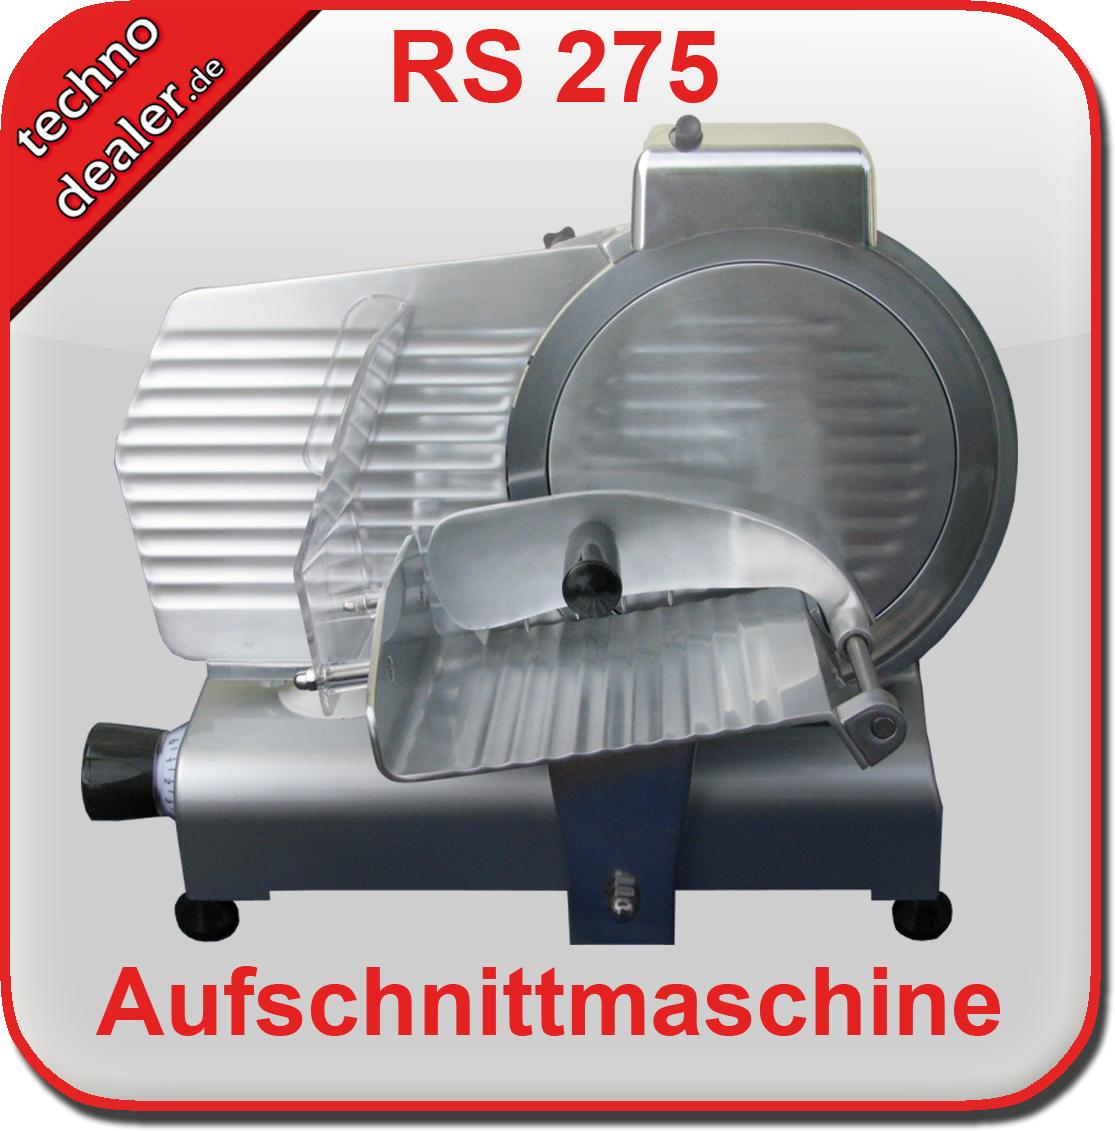 Aufschnittmaschine RS 275